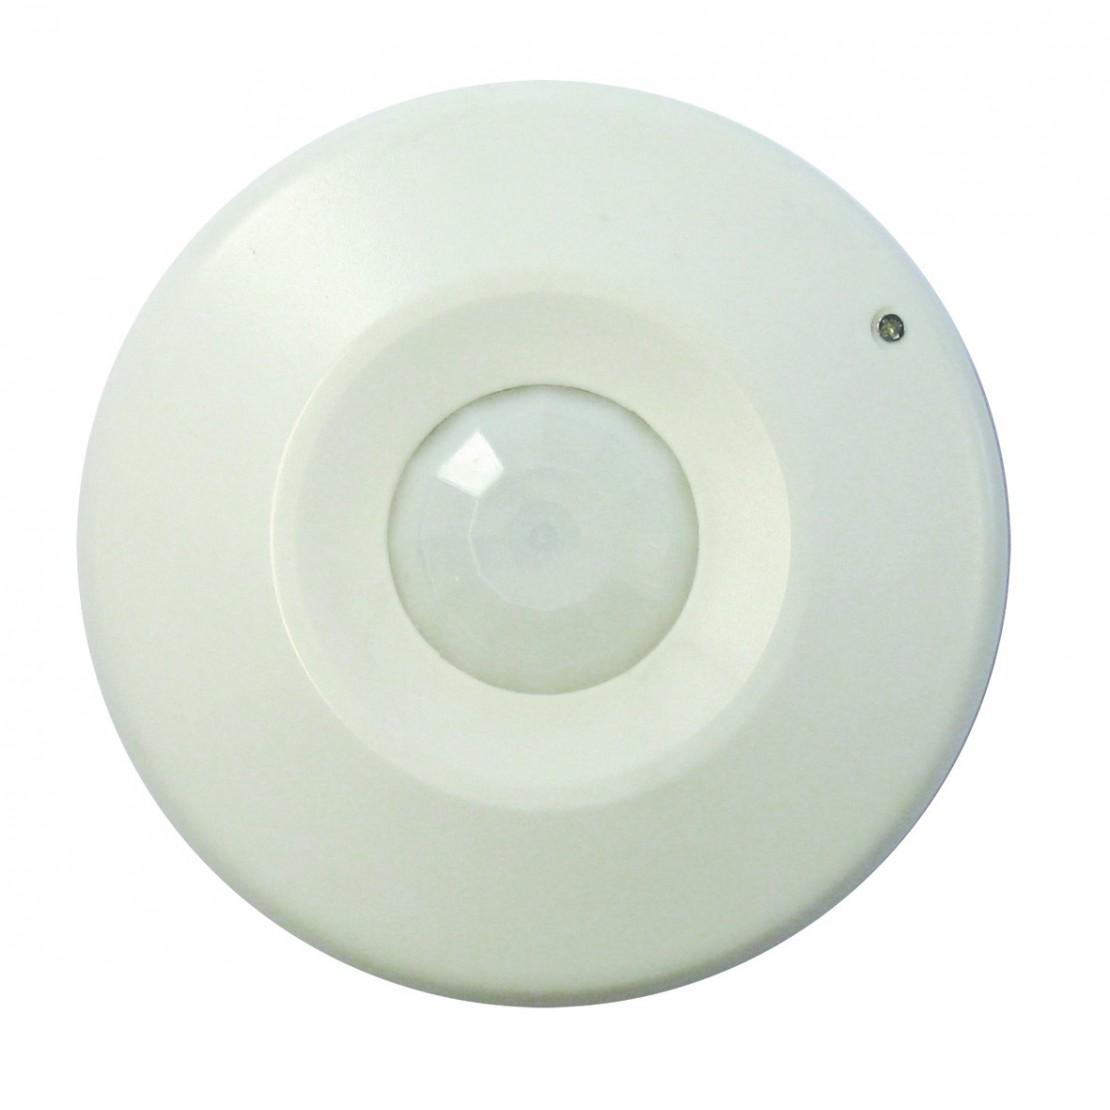 Detector de movimiento de techo 360°- Blanco